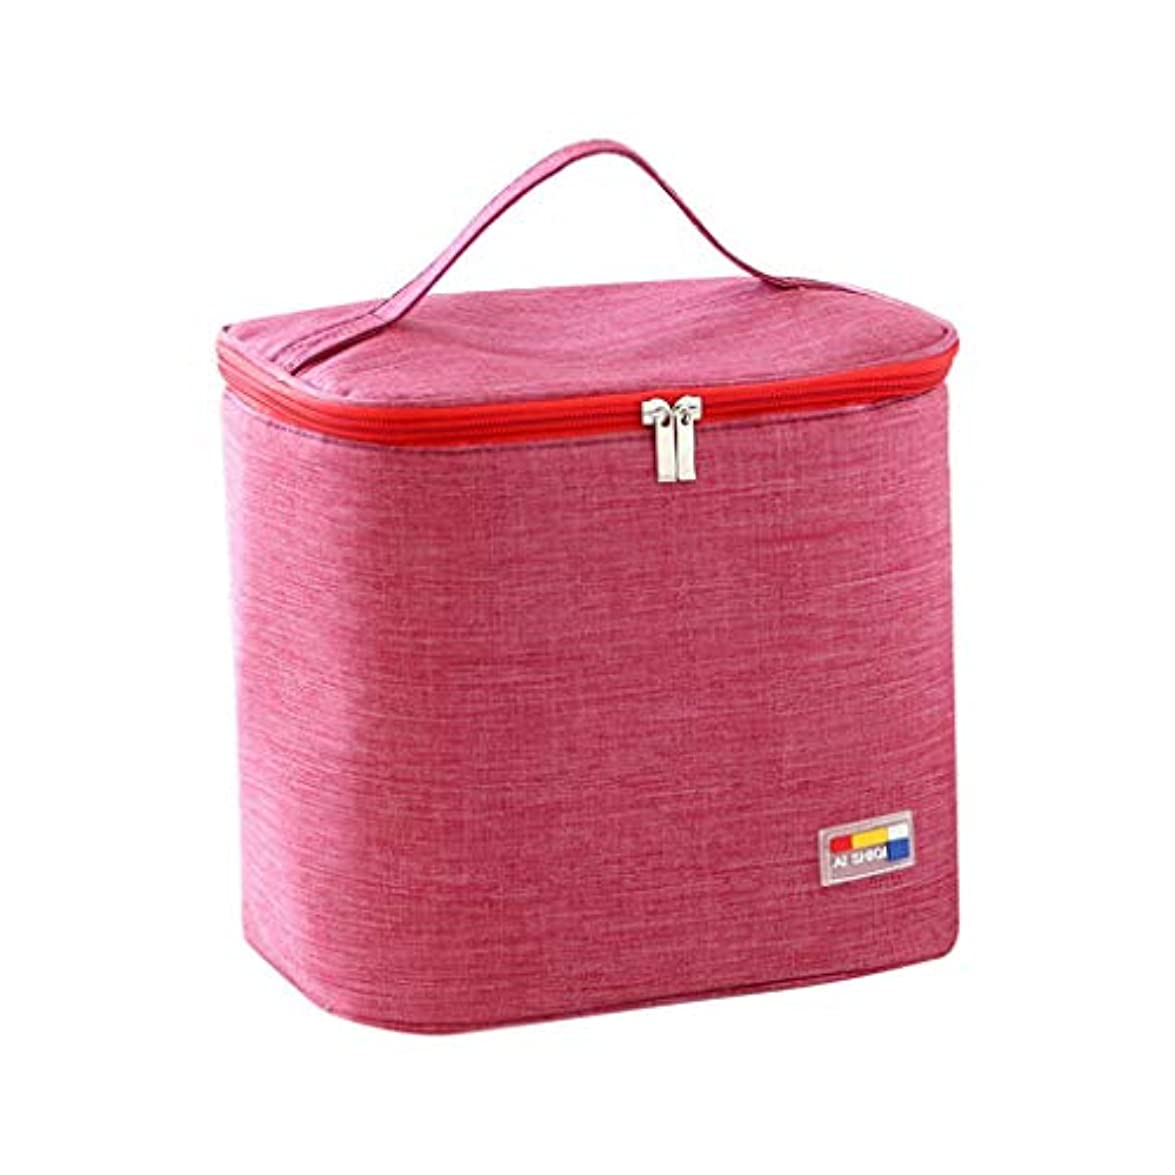 火曜日荒野同様の専用ランチバッグトートバッグ断熱性を向上キャンプに適していますシンプルなバッグイージーファッション絶縁バッグ冷蔵バッグポケットを描く冷却ハンドバッグ防水ハンドバッグ (A)